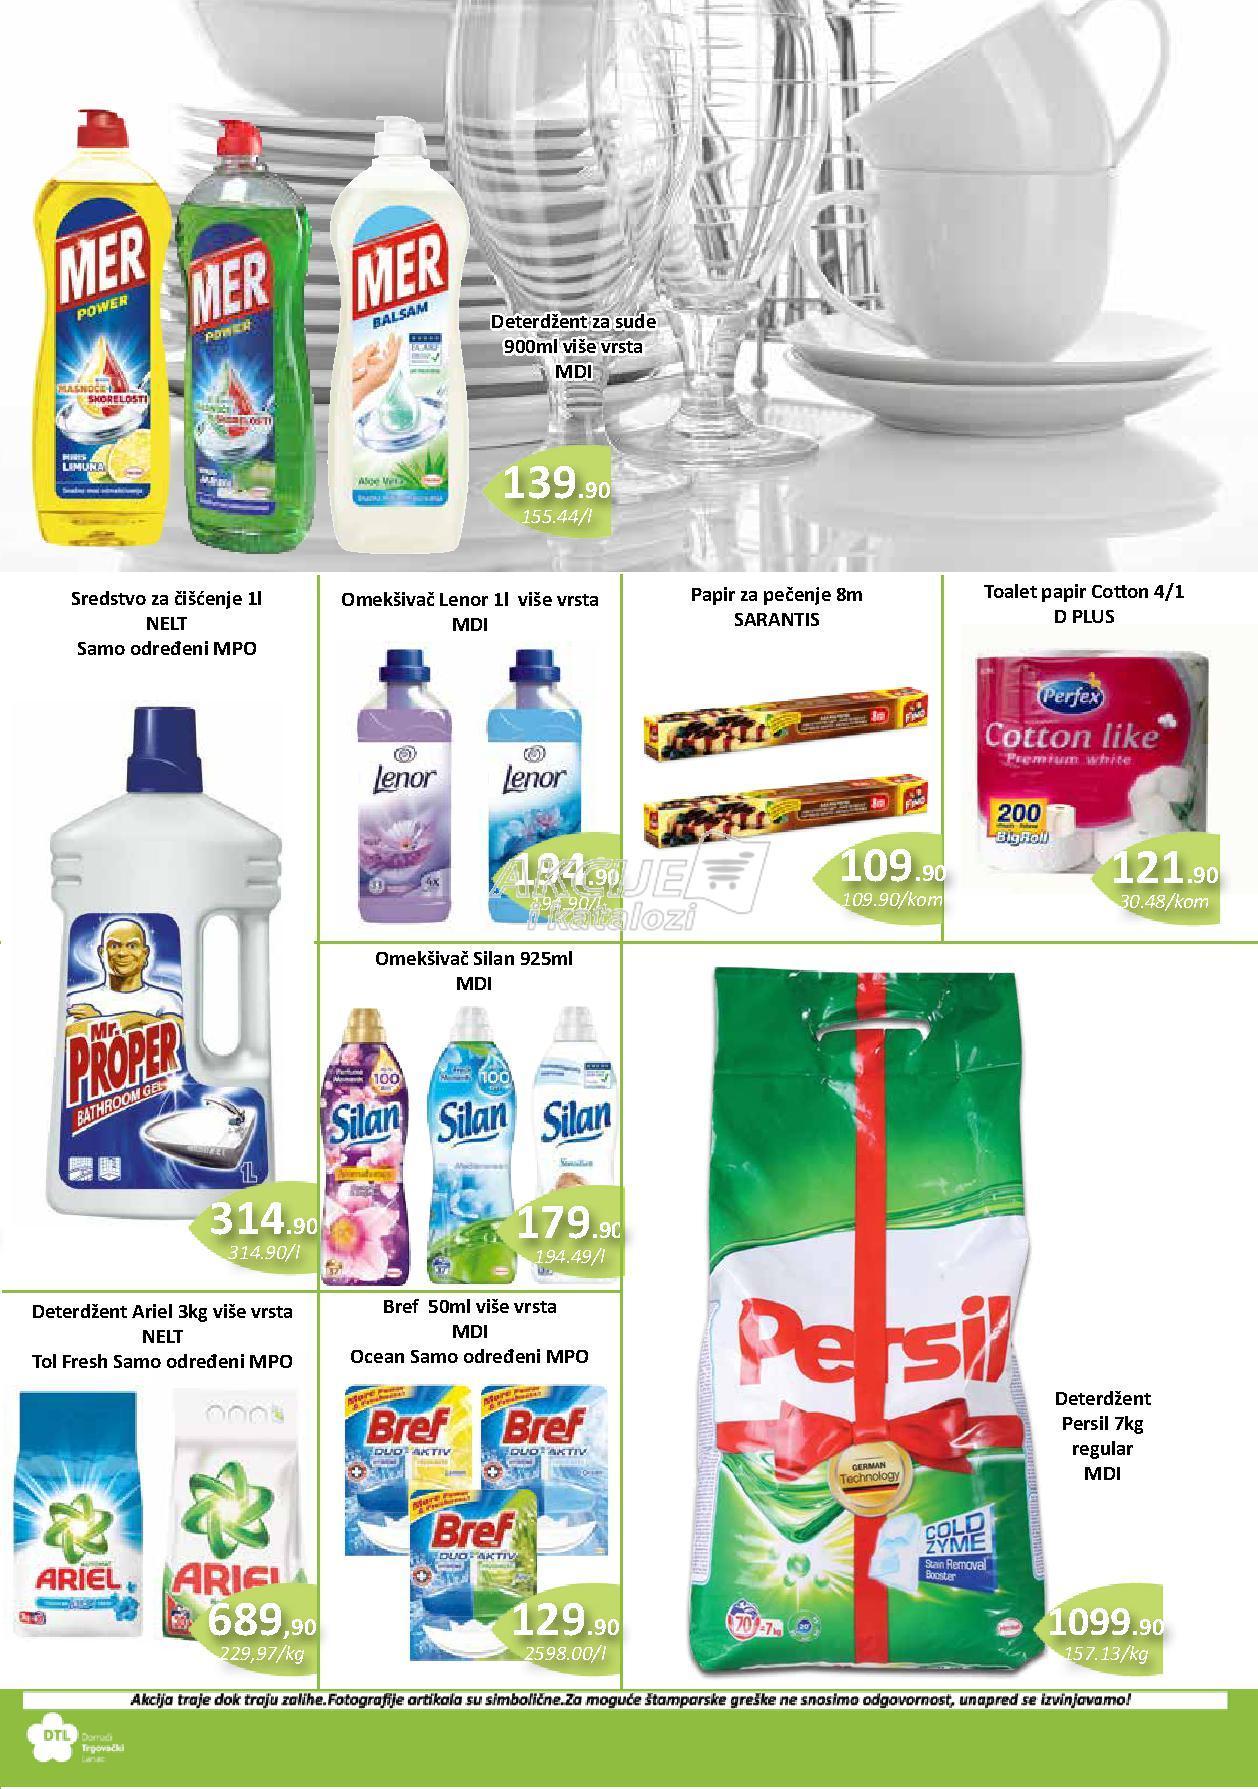 AD Podunavlje akcija nedeljne kupovine